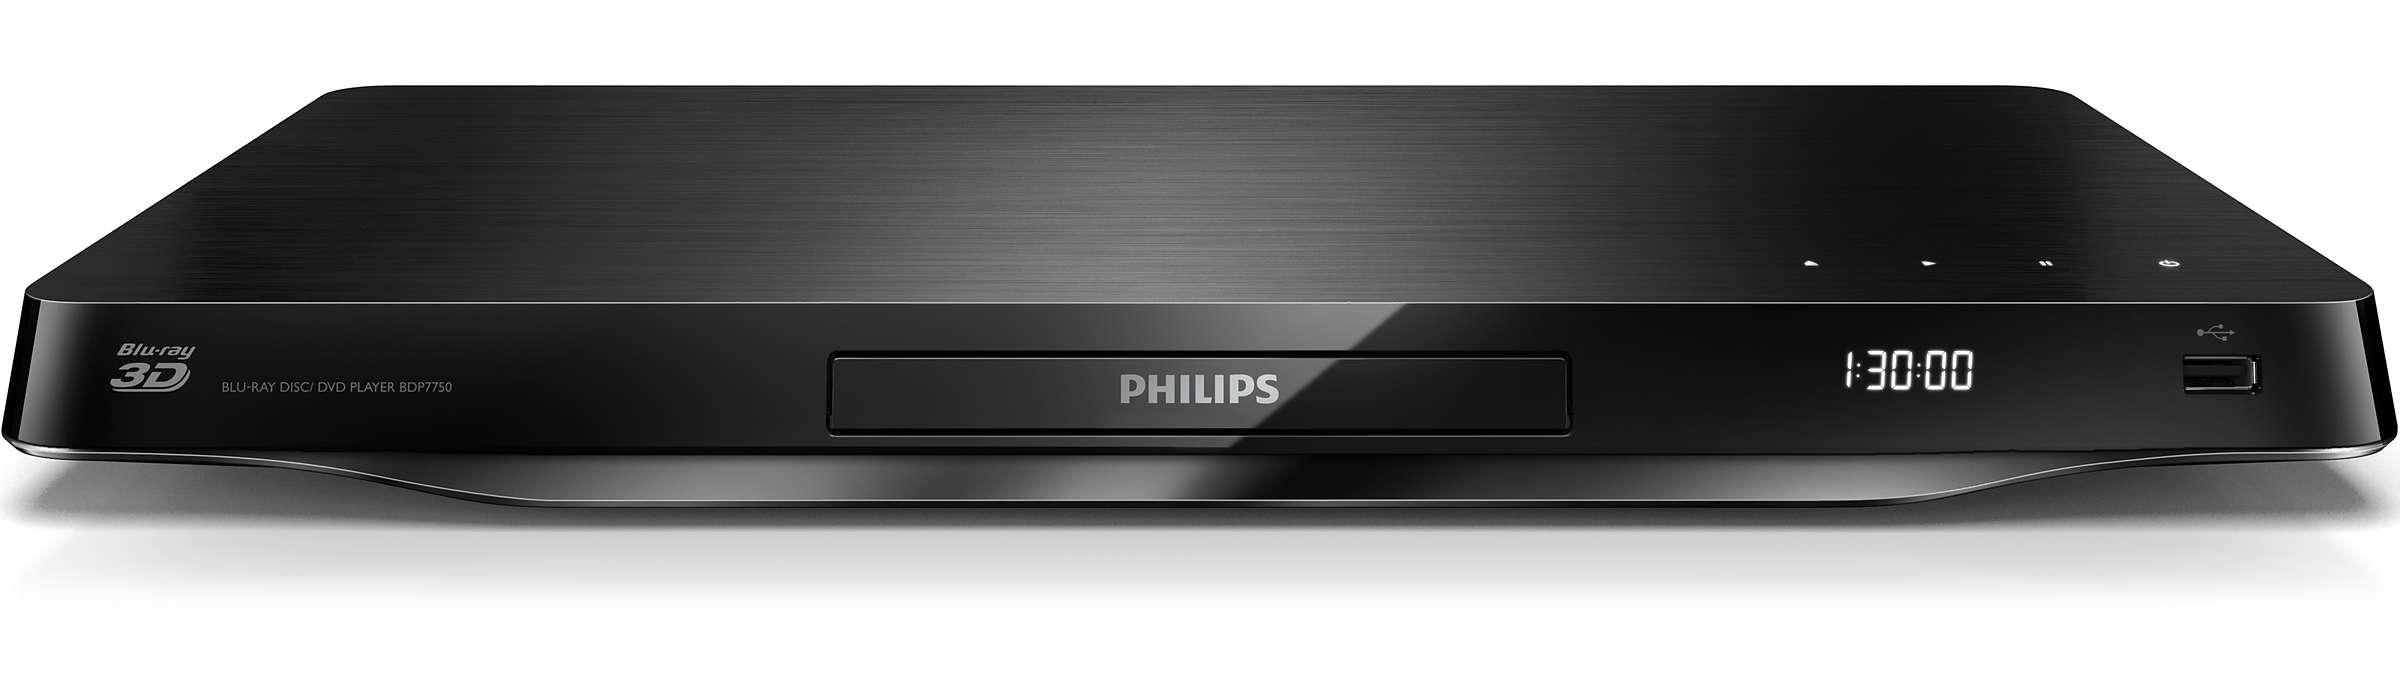 Täydellinen kumppani 4K Ultra HD -televisiolle